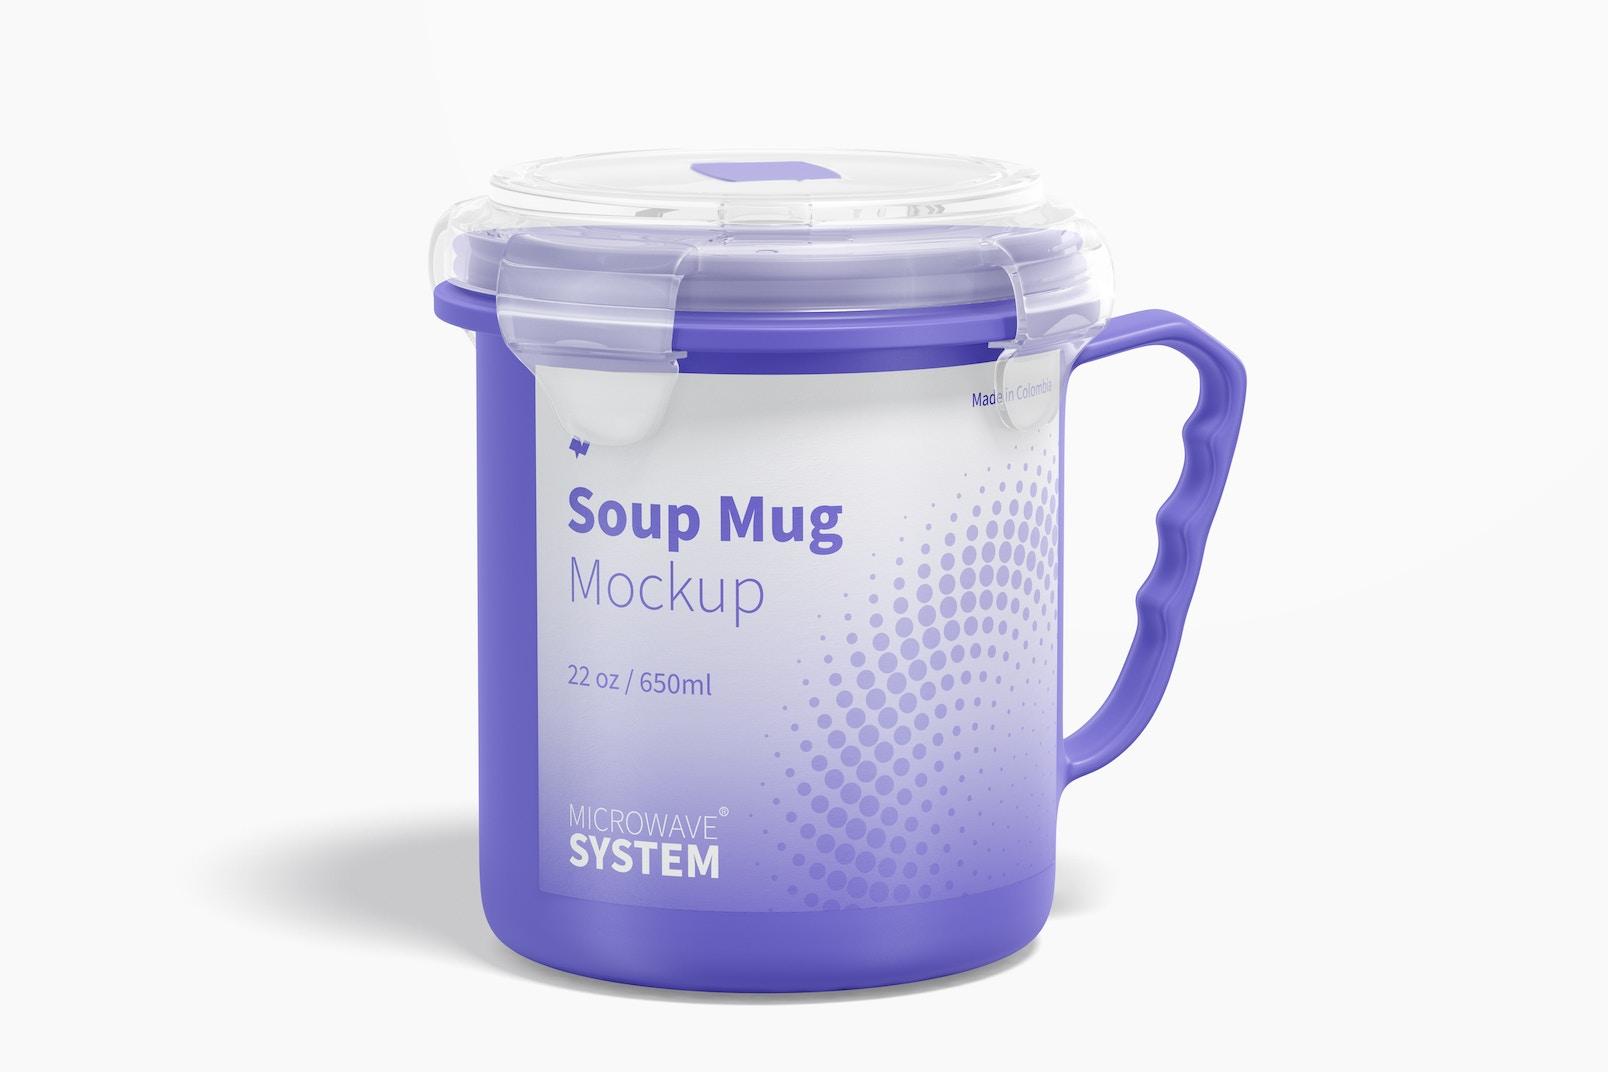 22 oz Soup Mug Mockup